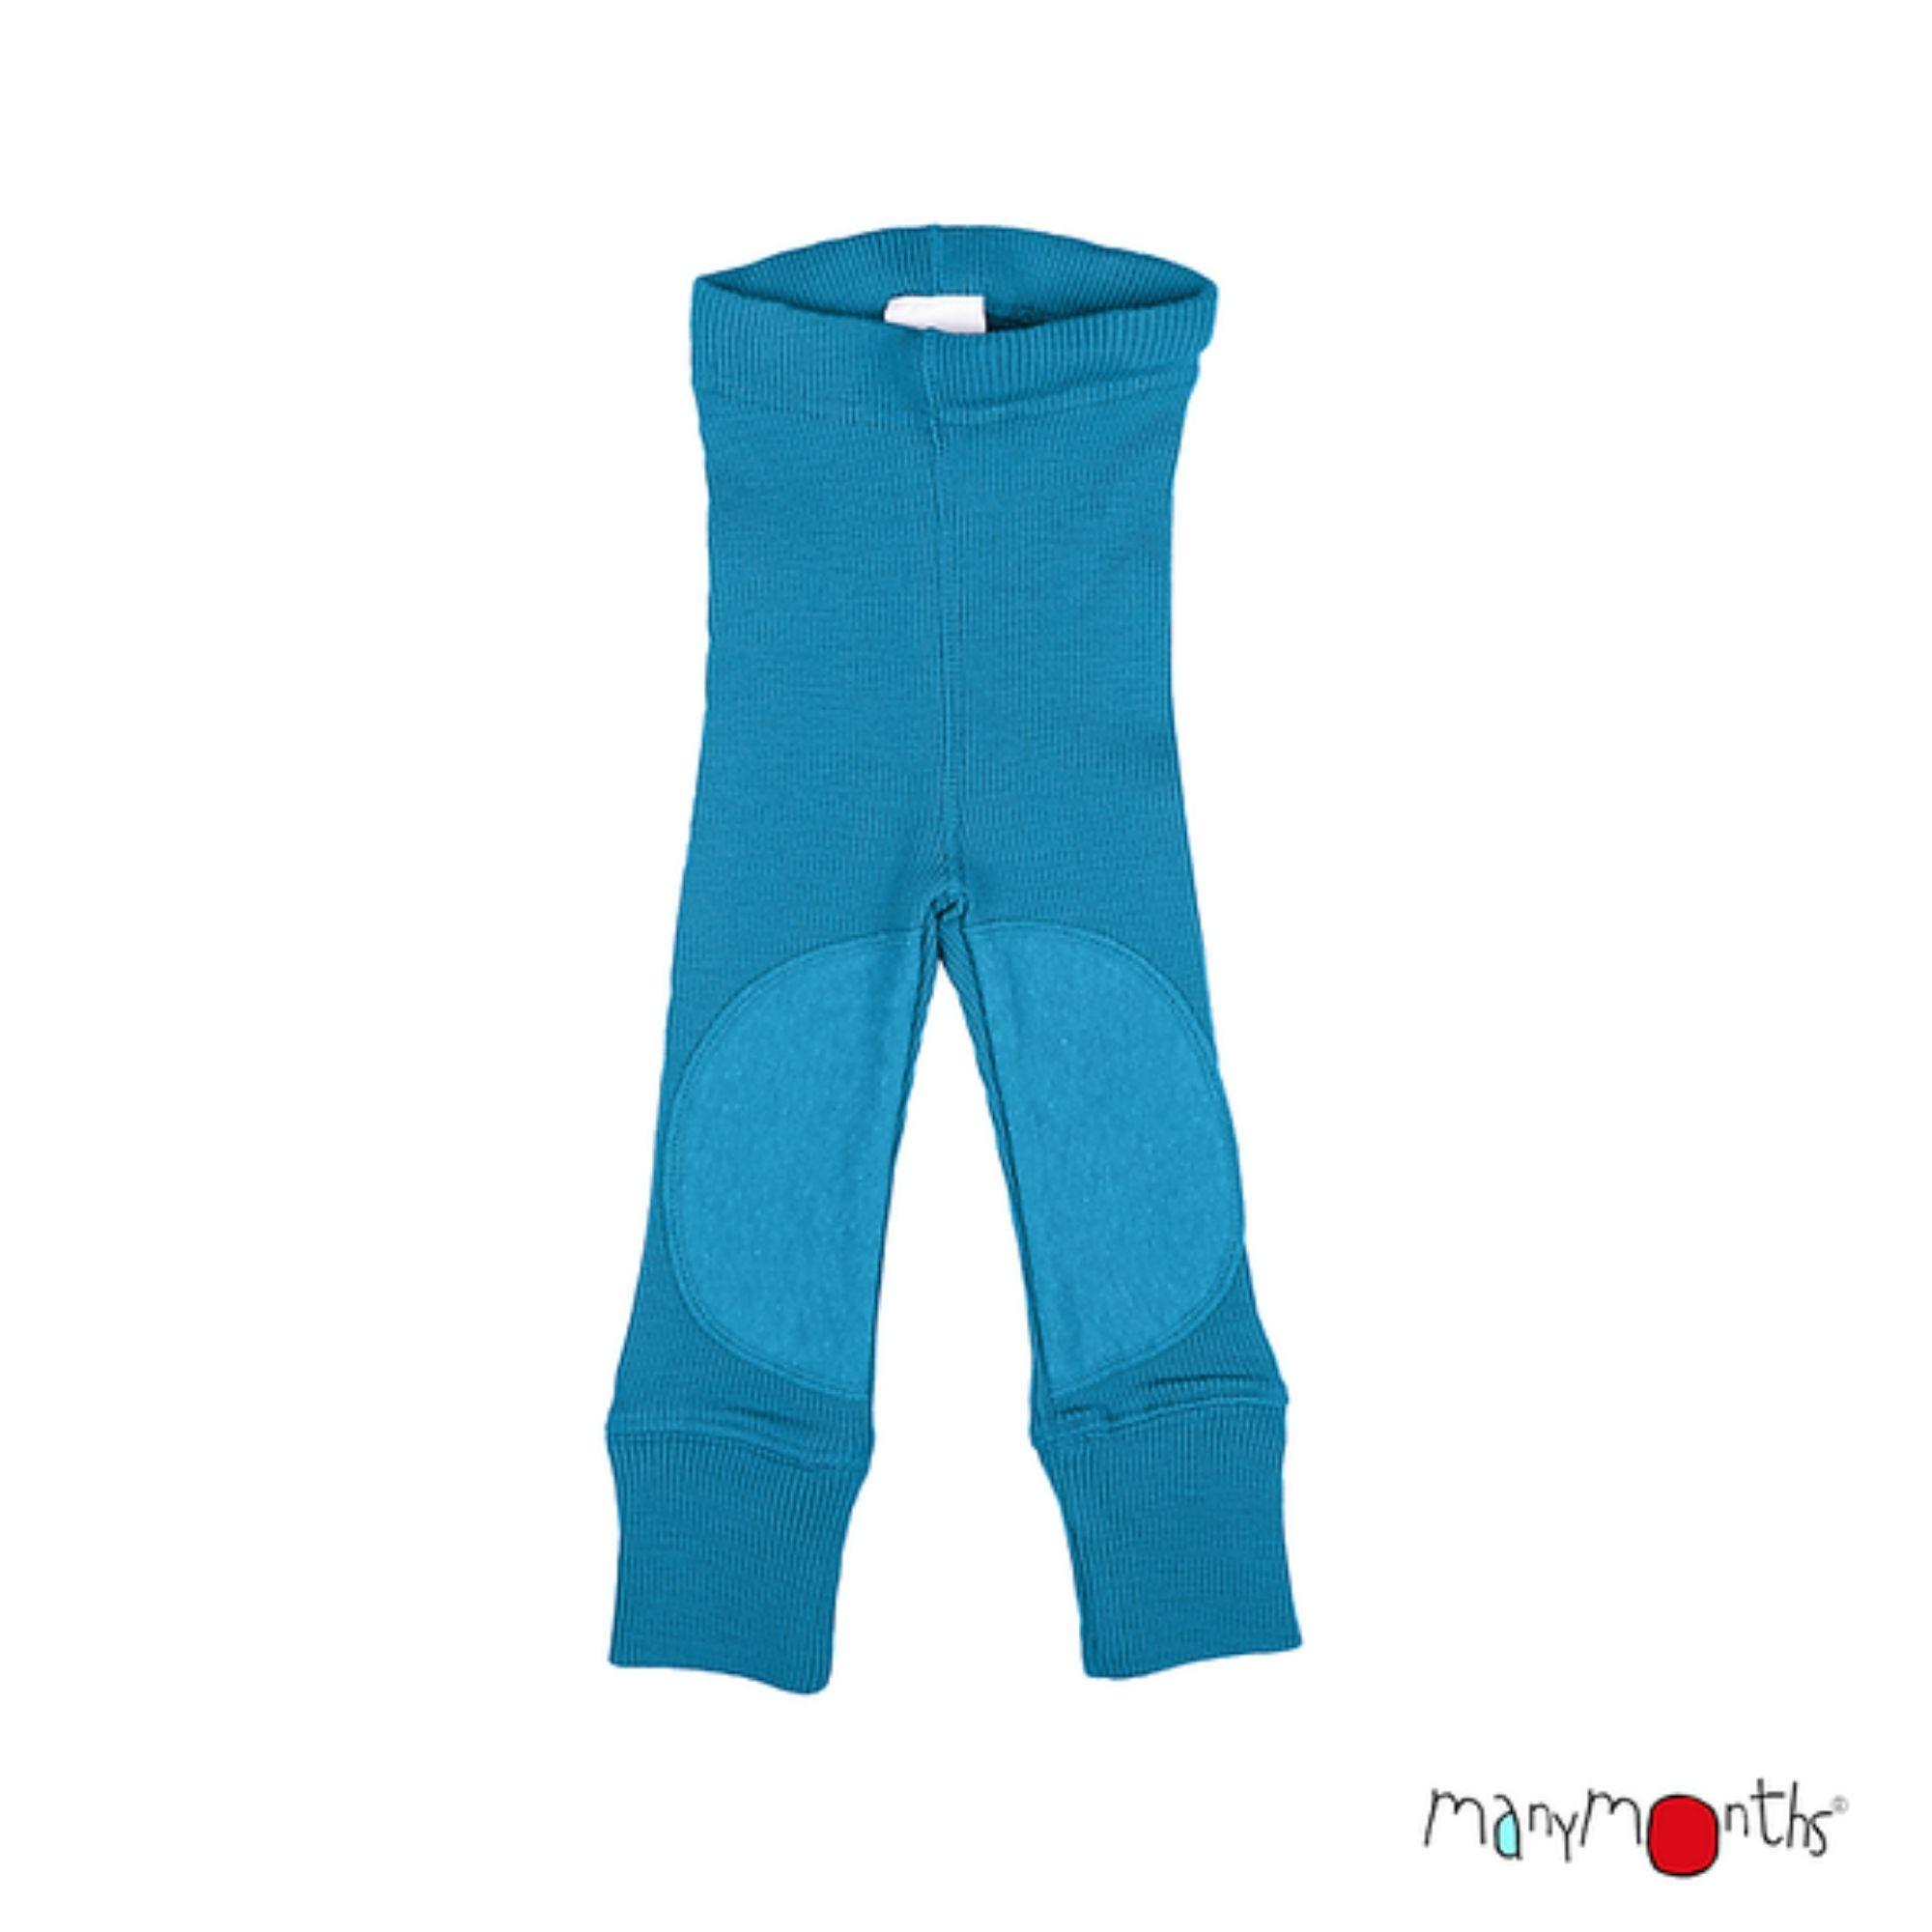 legging-protege-genoux-bebe-enfant-evolutif-pure-laine-merinos-manymonths-maison-de-mamoulia-mykonos-waters